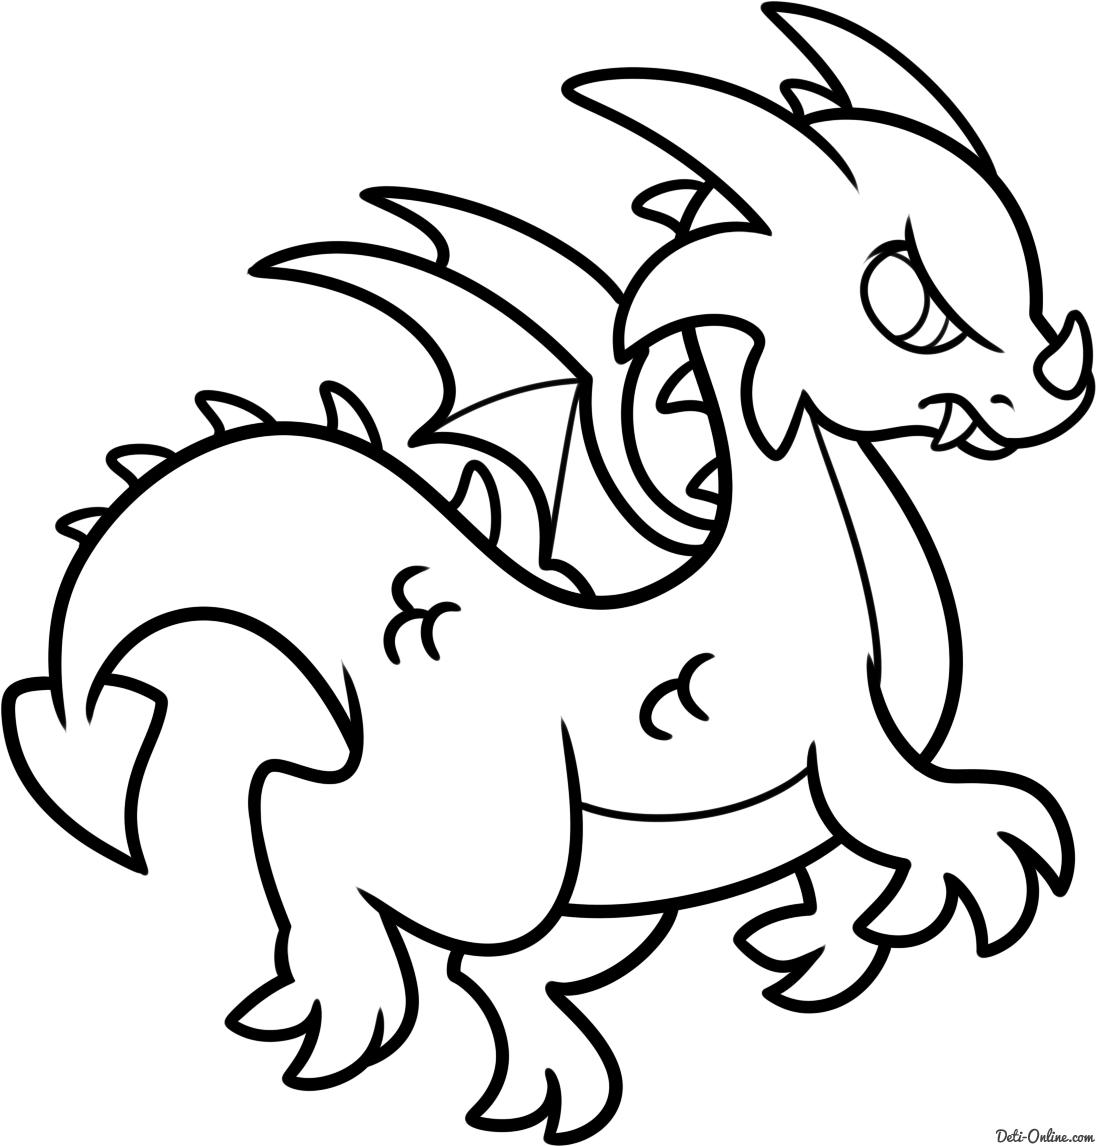 техника мультяшные драконы картинки для рисования все это